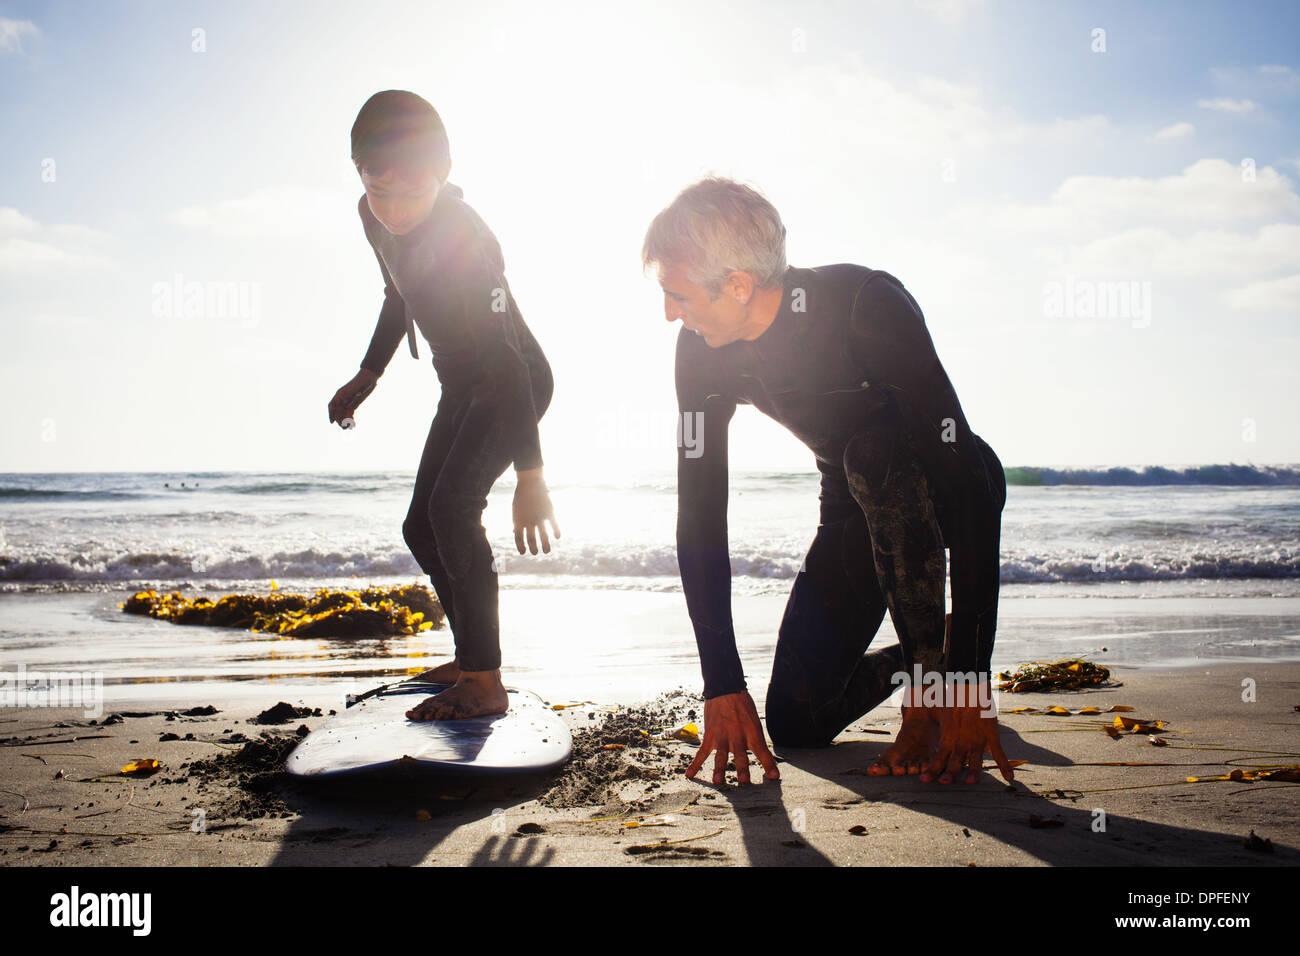 Padre e figlio a fare pratica con la tavola da surf sulla spiaggia, Encinitas, CALIFORNIA, STATI UNITI D'AMERICA Immagini Stock